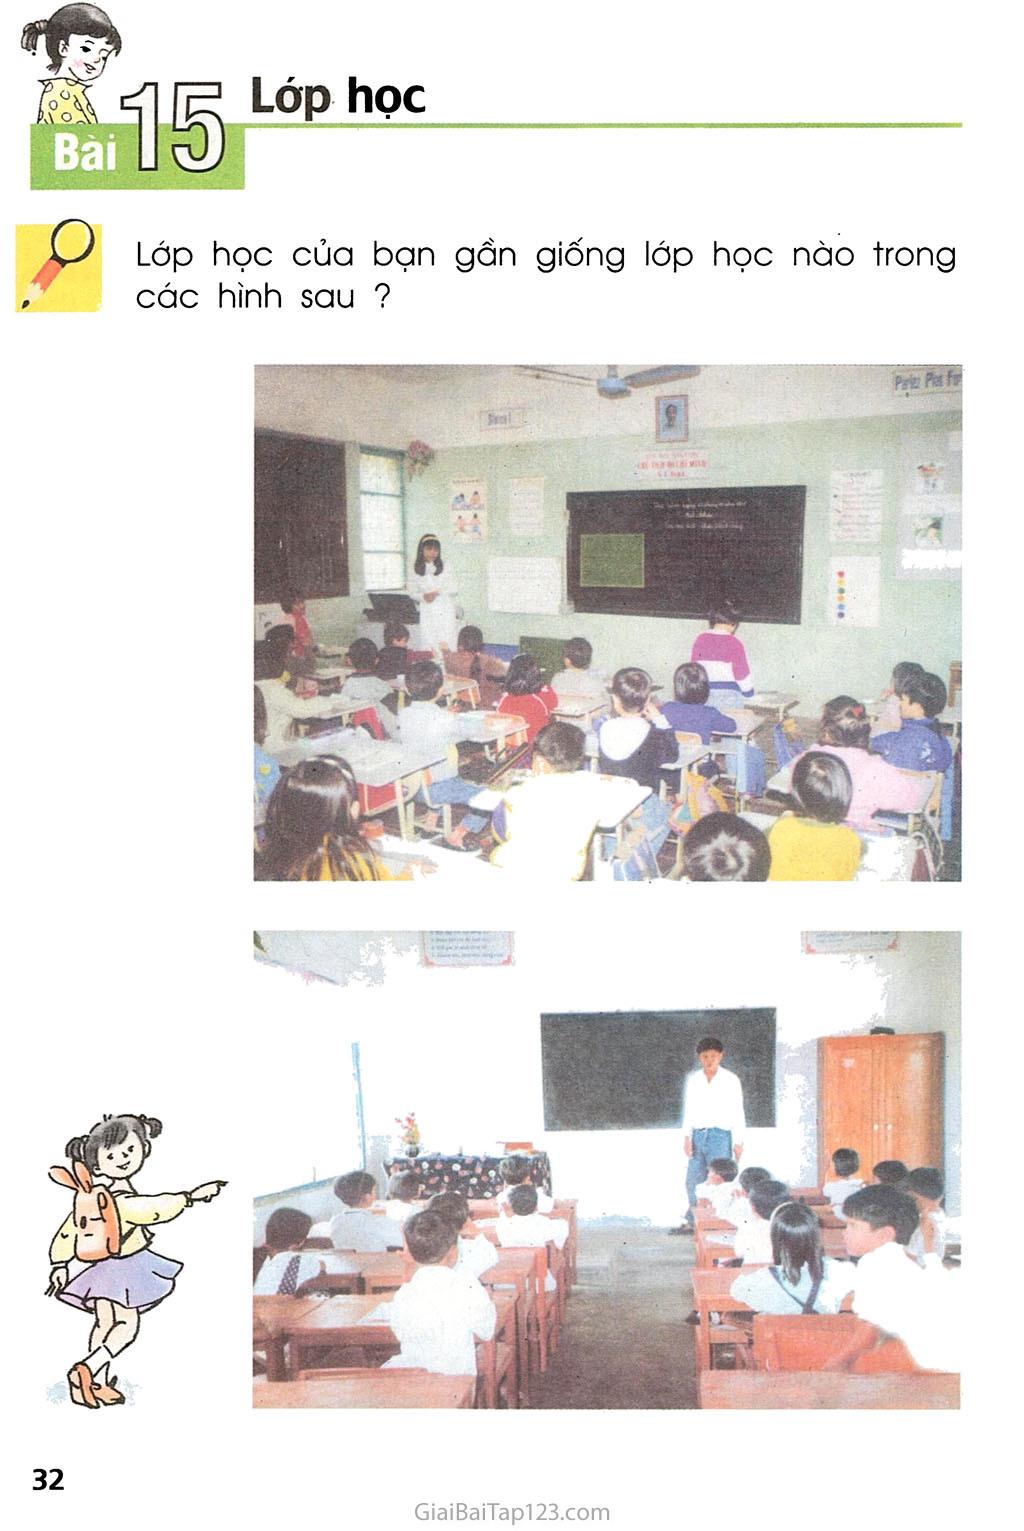 Bài 15. Lớp học trang 1